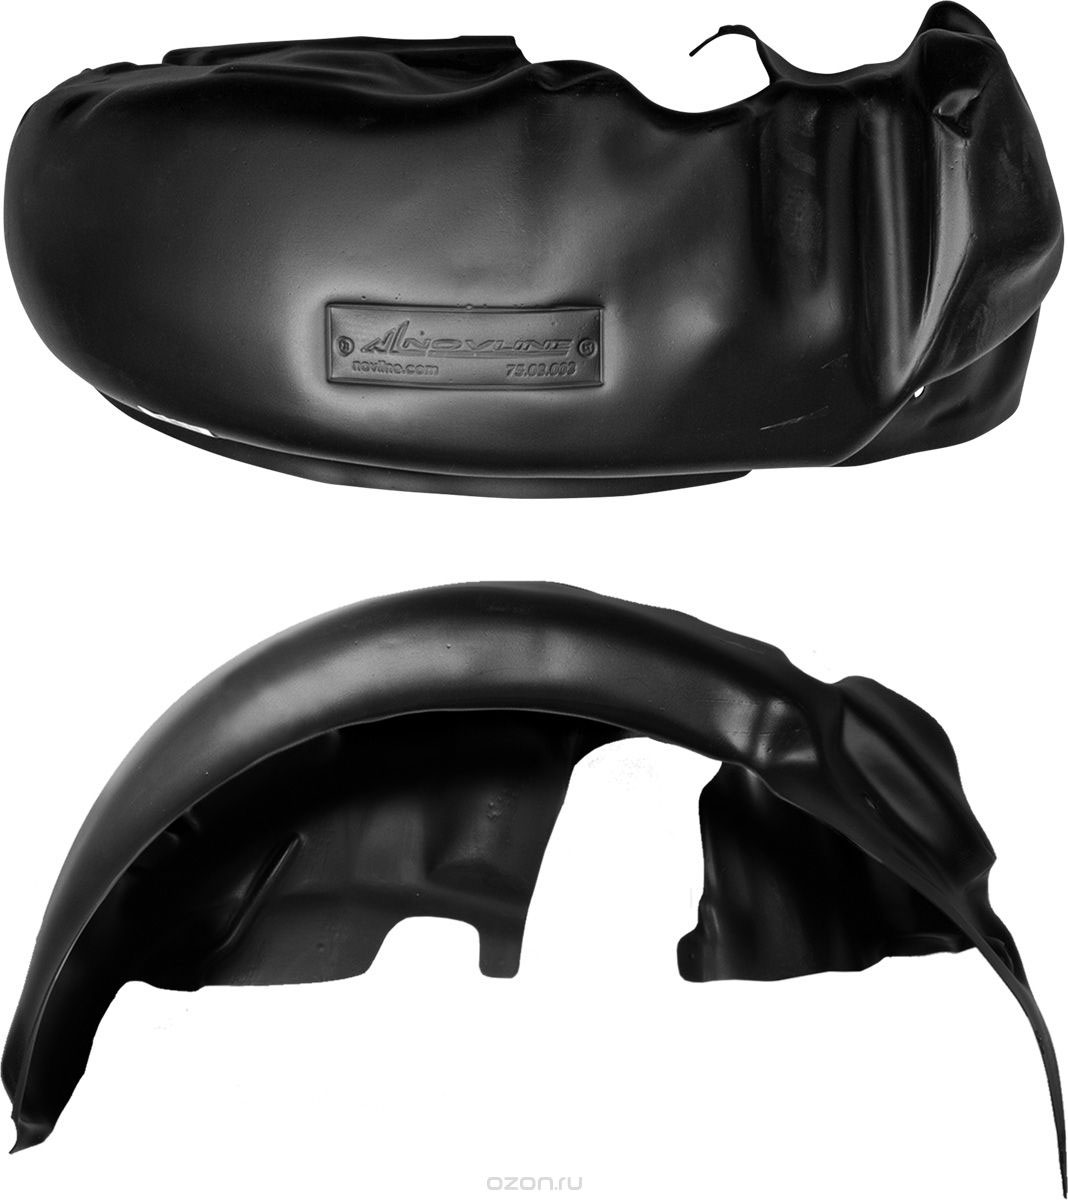 Подкрылок Novline-Autofamily, для NISSAN Pathfinder, 2014->, передний правый234100Идеальная защита колесной ниши. Локеры разработаны с применением цифровых технологий, гарантируют максимальную повторяемость поверхности арки. Изделия устанавливаются без нарушения лакокрасочного покрытия автомобиля, каждый подкрылок комплектуется крепежом. Уважаемые клиенты, обращаем ваше внимание, что фотографии на подкрылки универсальные и не отражают реальную форму изделия. При этом само изделие идет точно под размер указанного автомобиля.